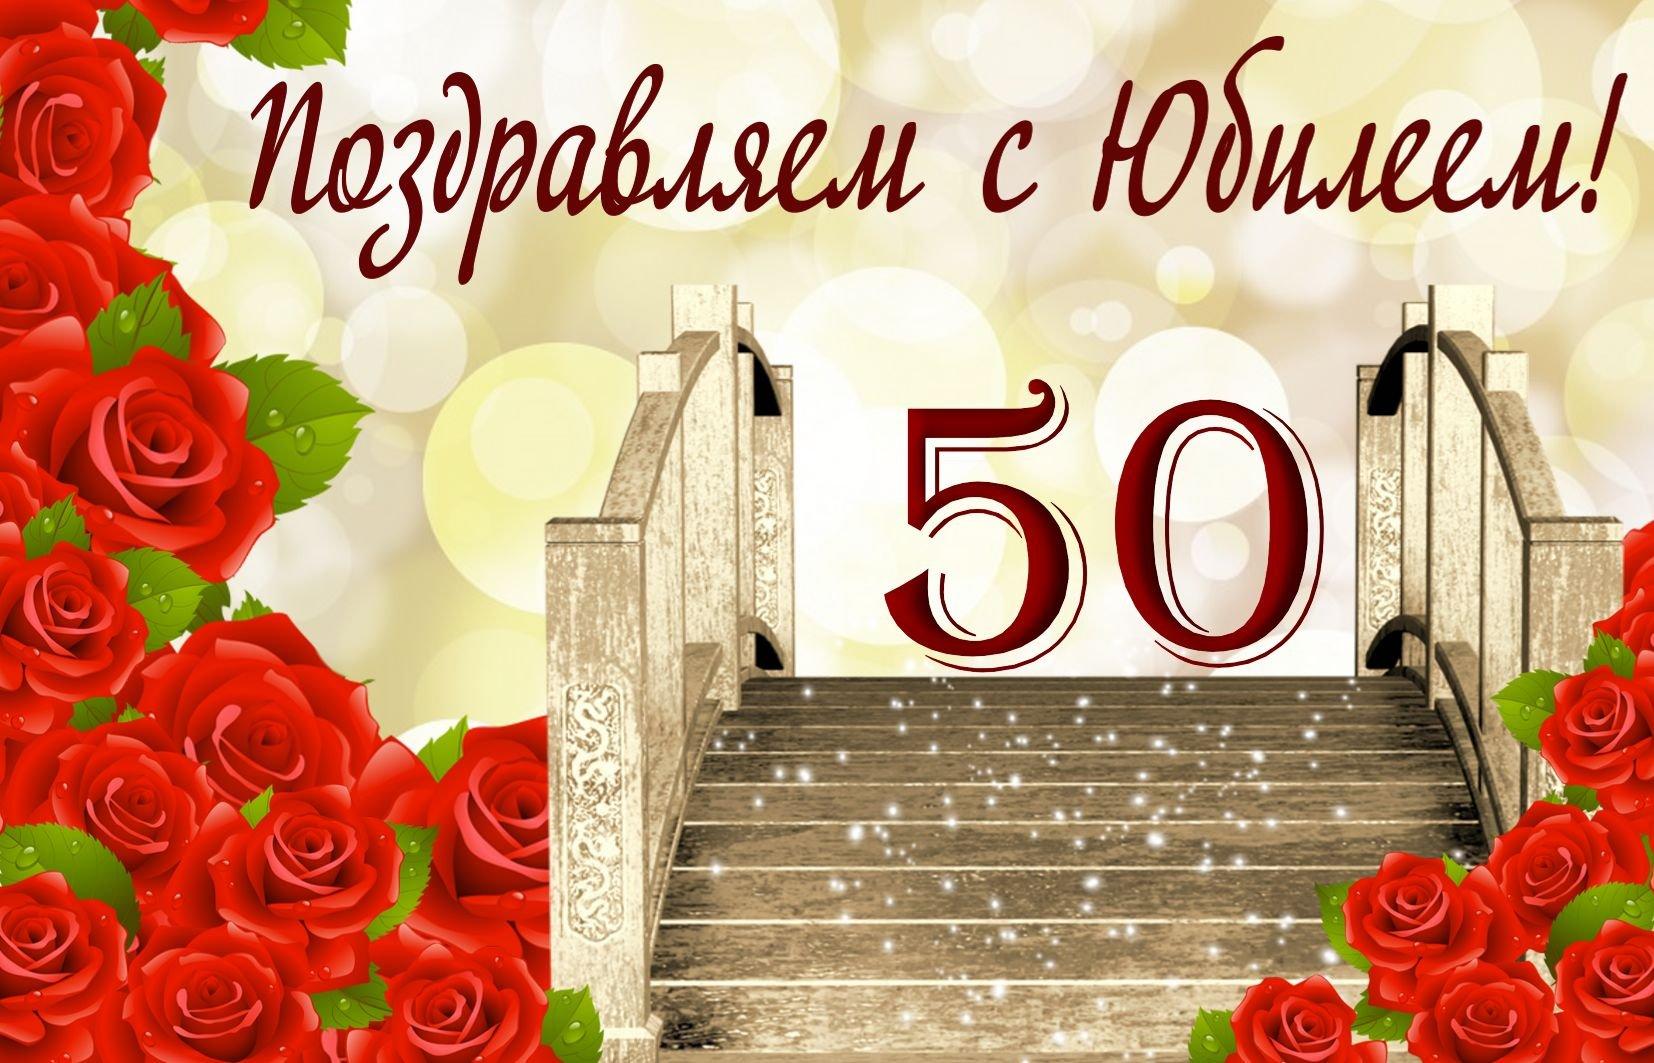 Анимационные, фон для открытки с юбилеем 60 женщине